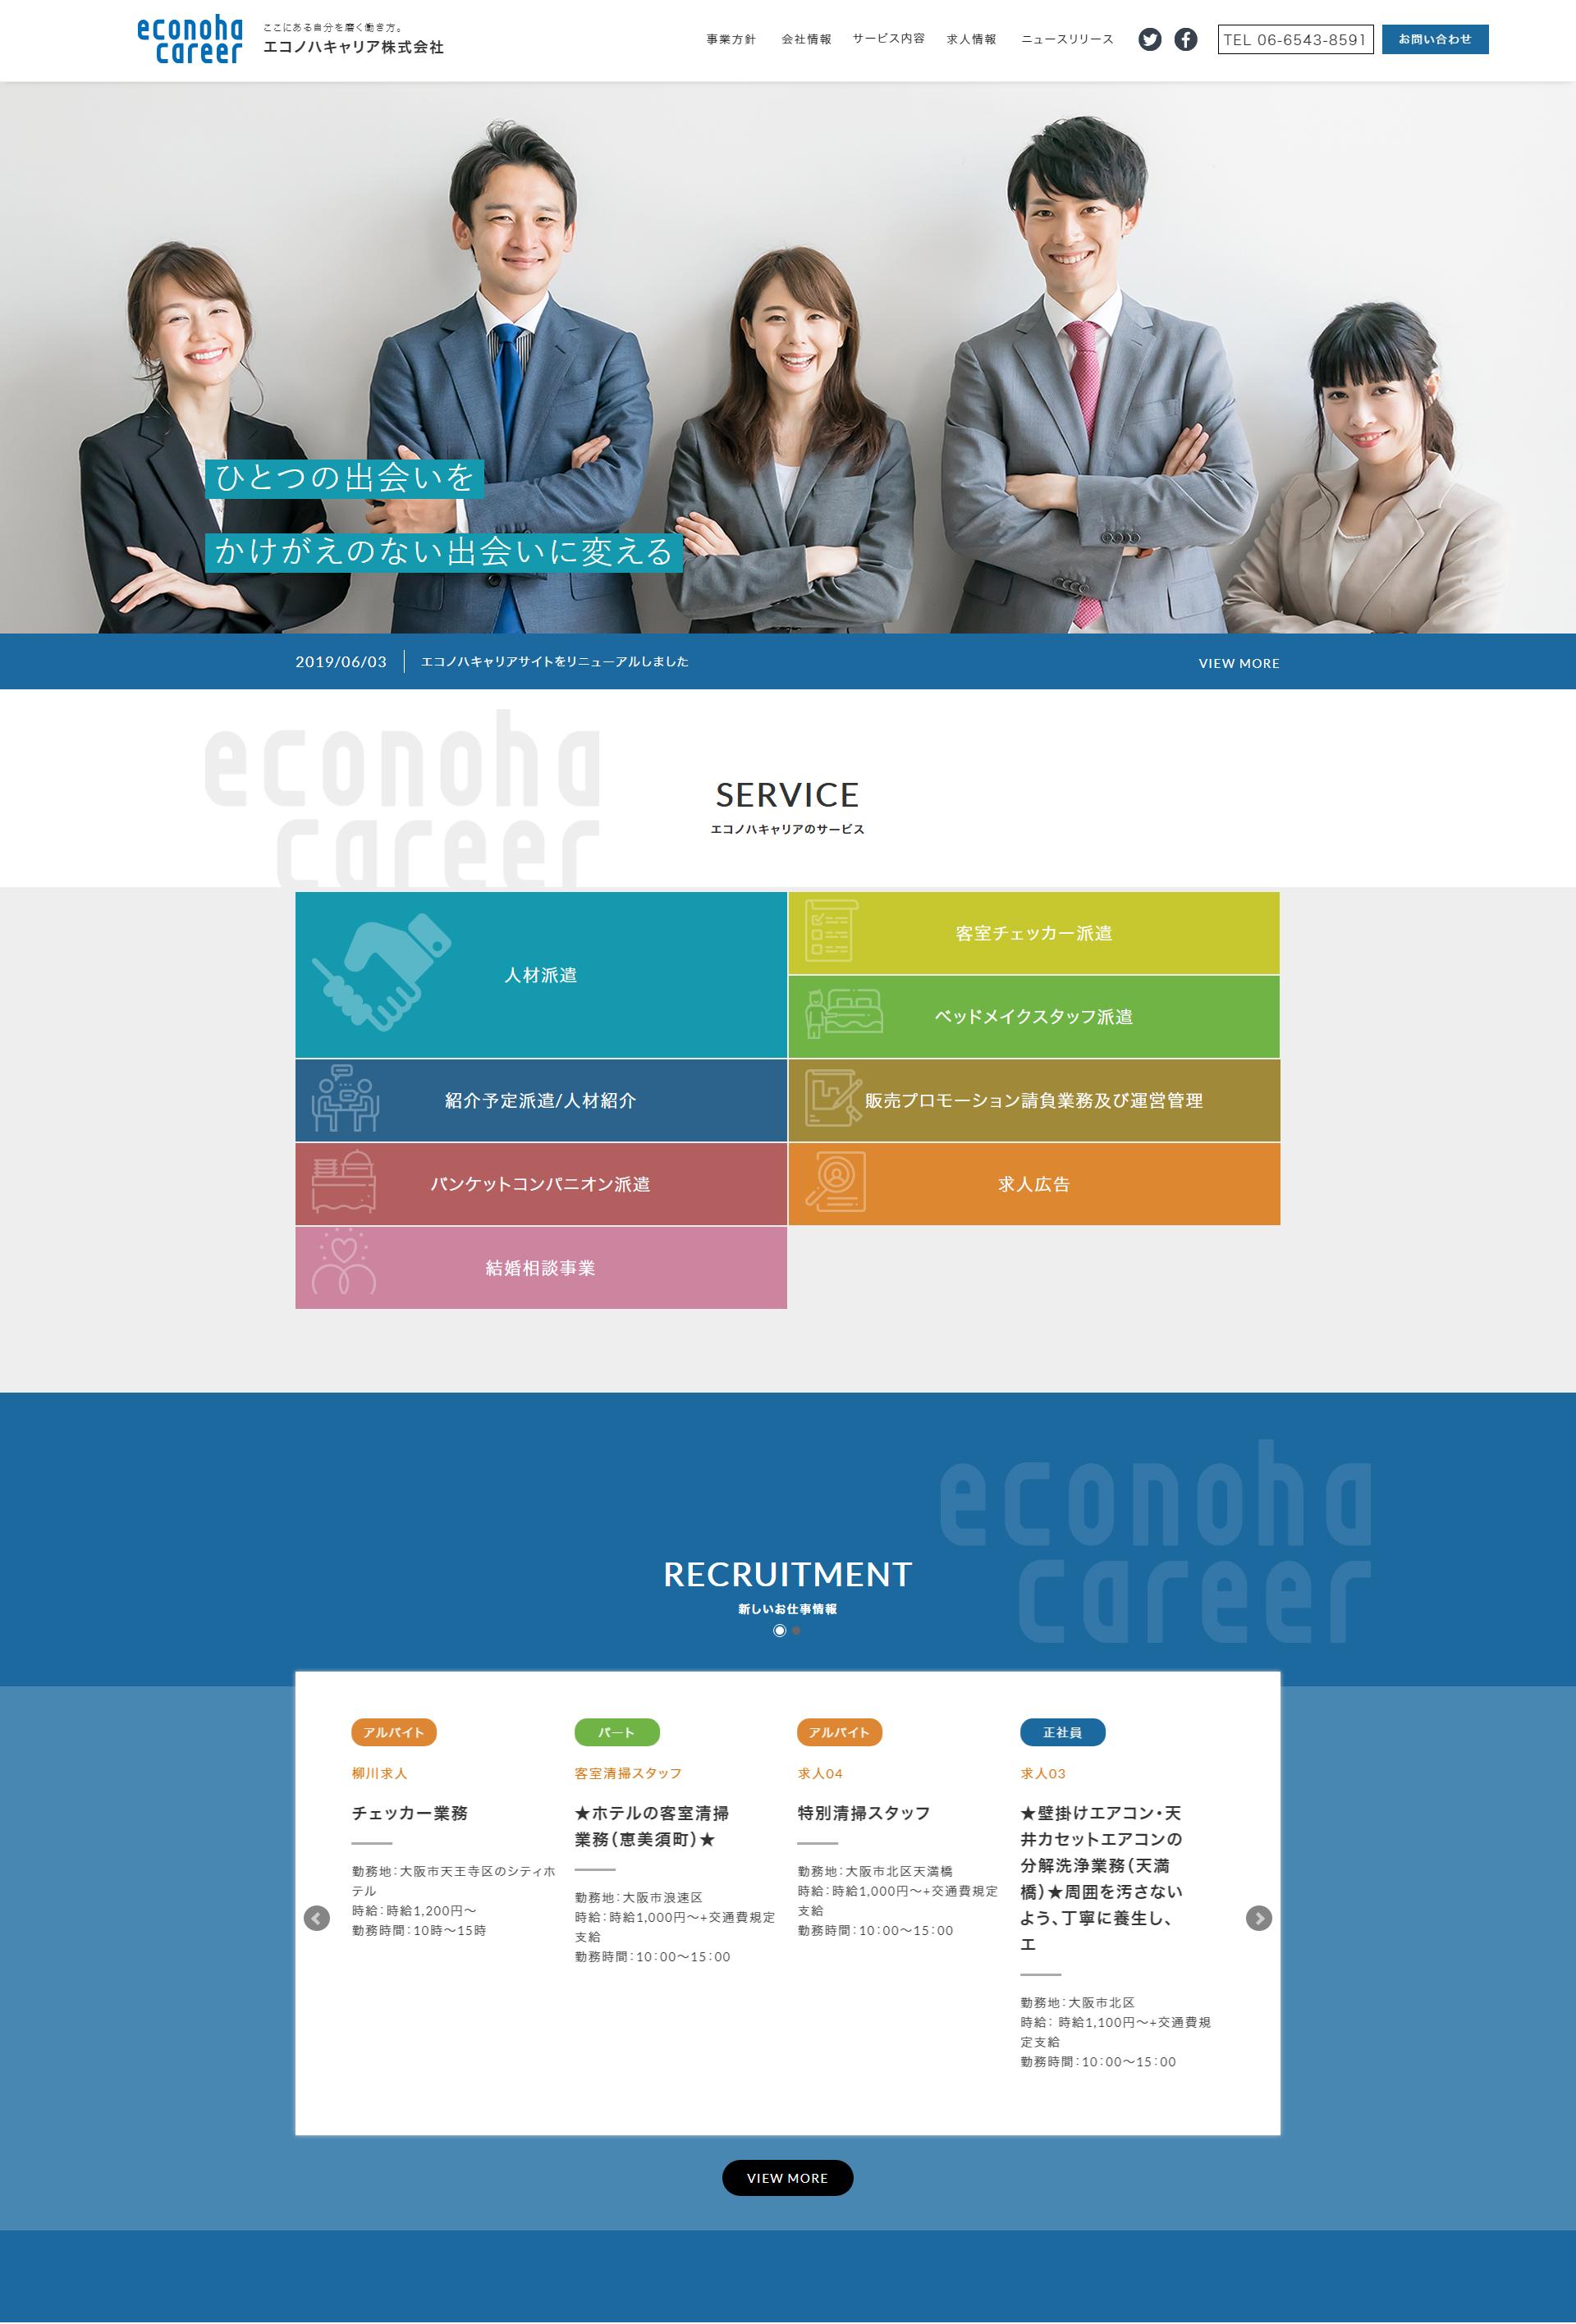 エコノハキャリア株式会社のホームページをリニューアル